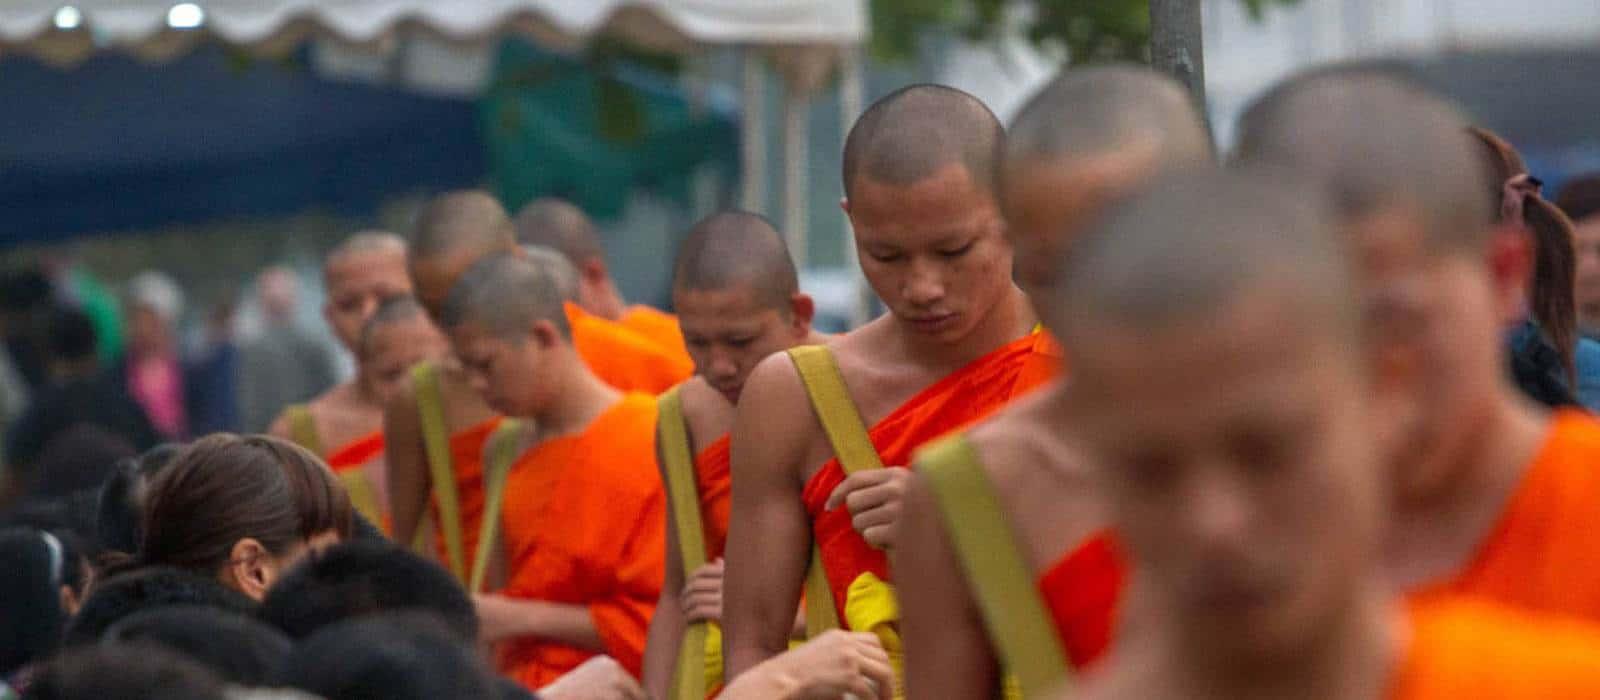 Luang Prabang Family Holiday - Luang Prabang Family Holidy - Daily Alms